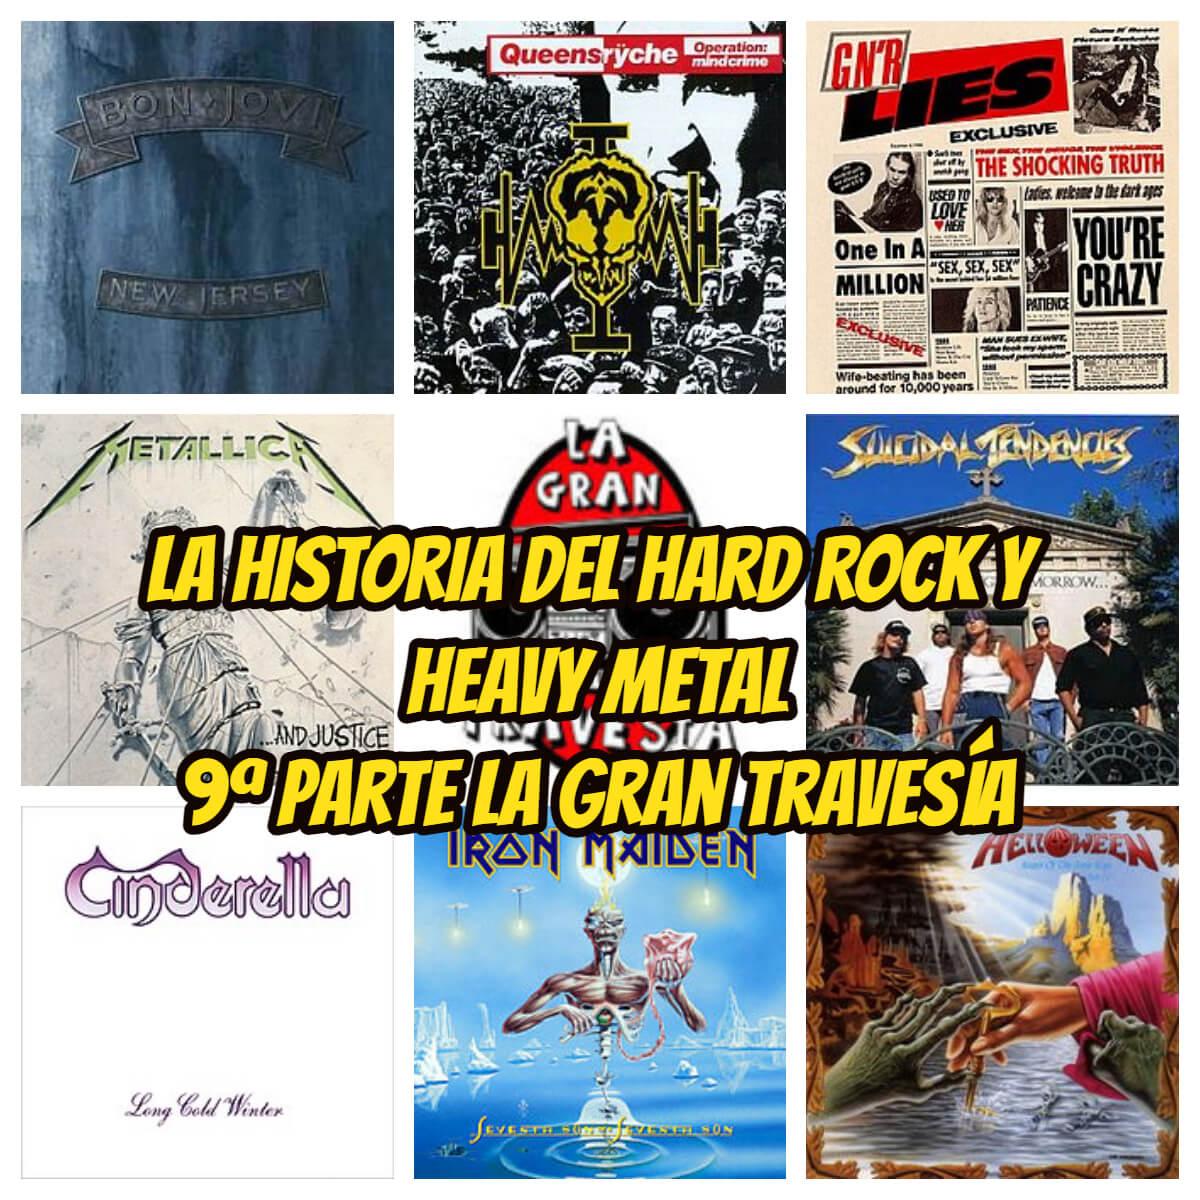 historia-del-heavy-metal-y-del-hard-rock-9-parte-la-gran-travesia-radio-free-rock